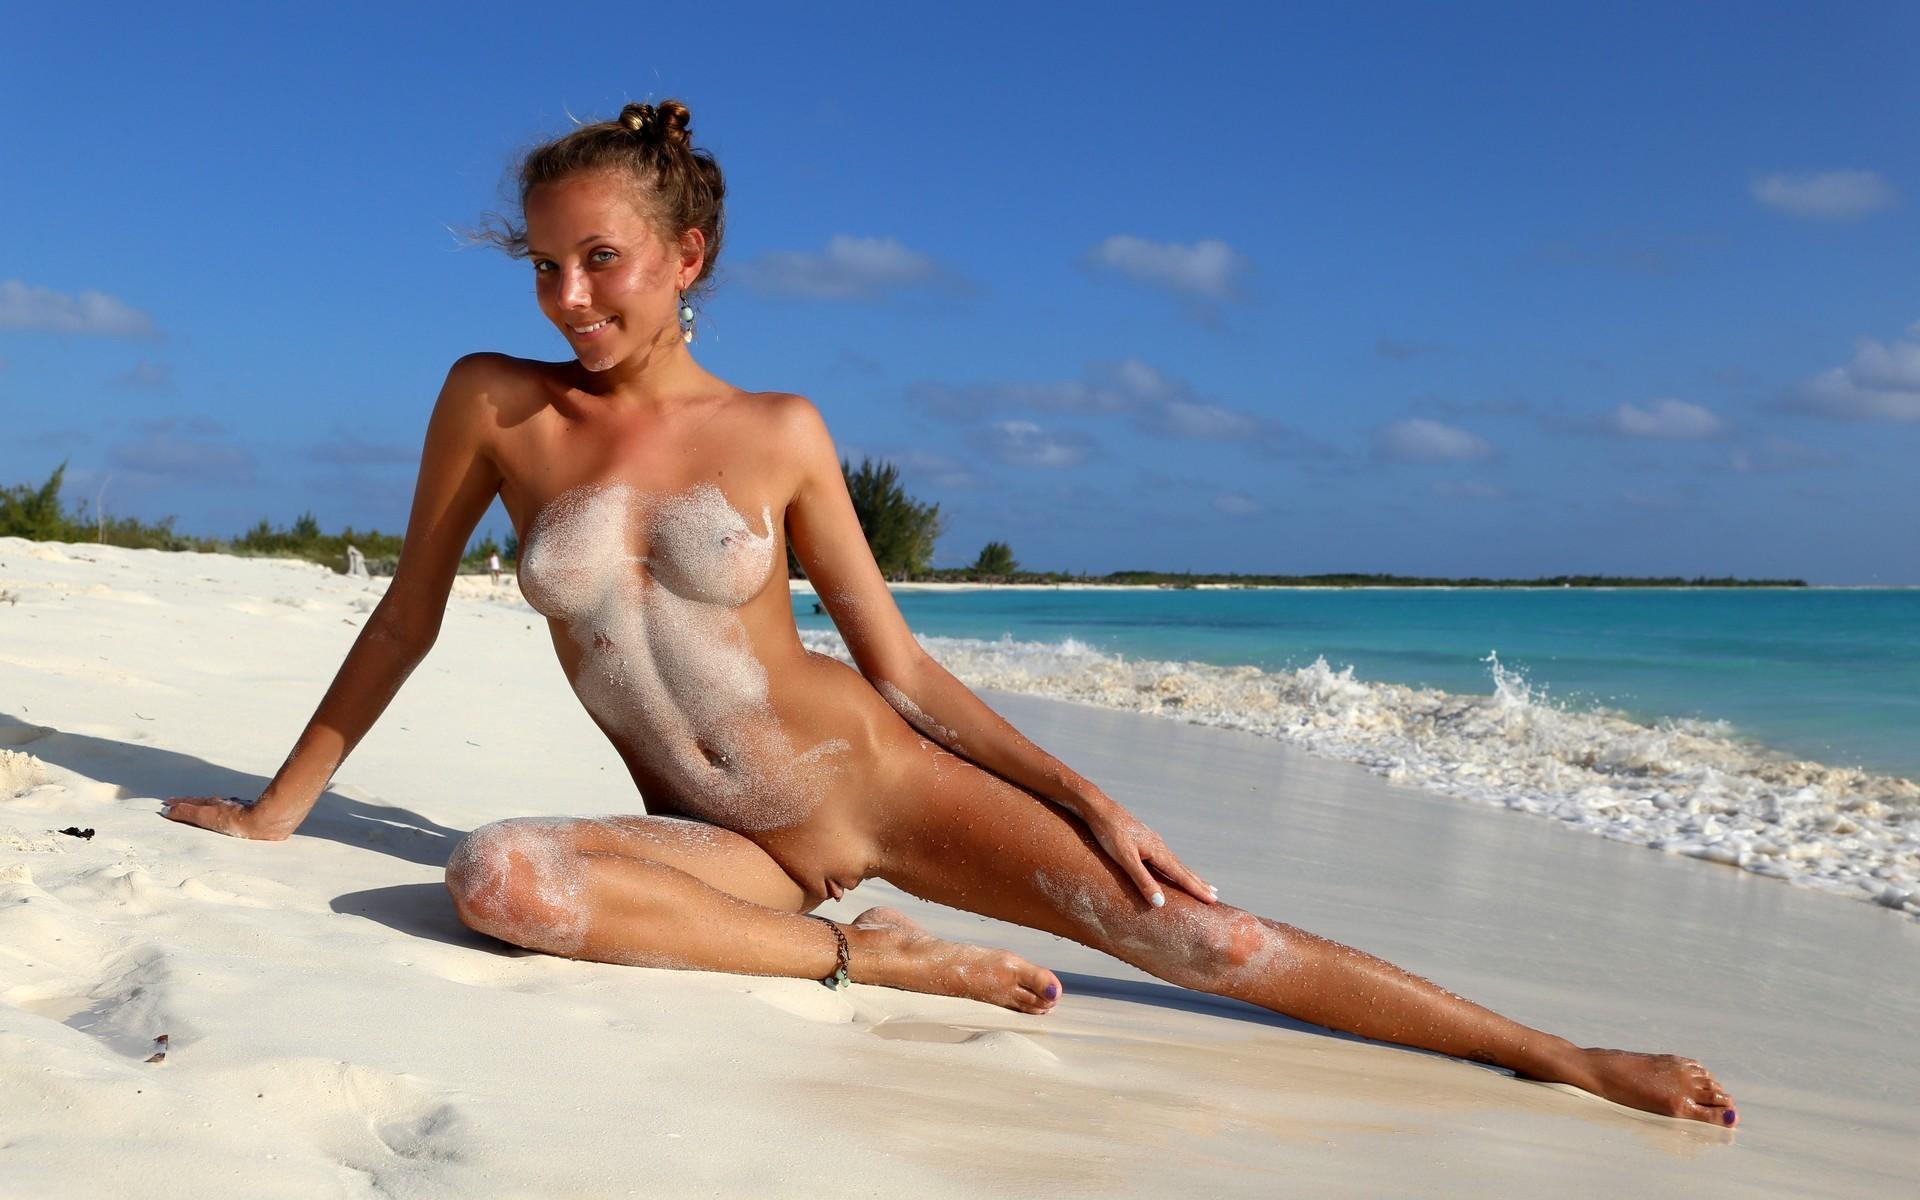 Caribbean girls get naked, girls that do